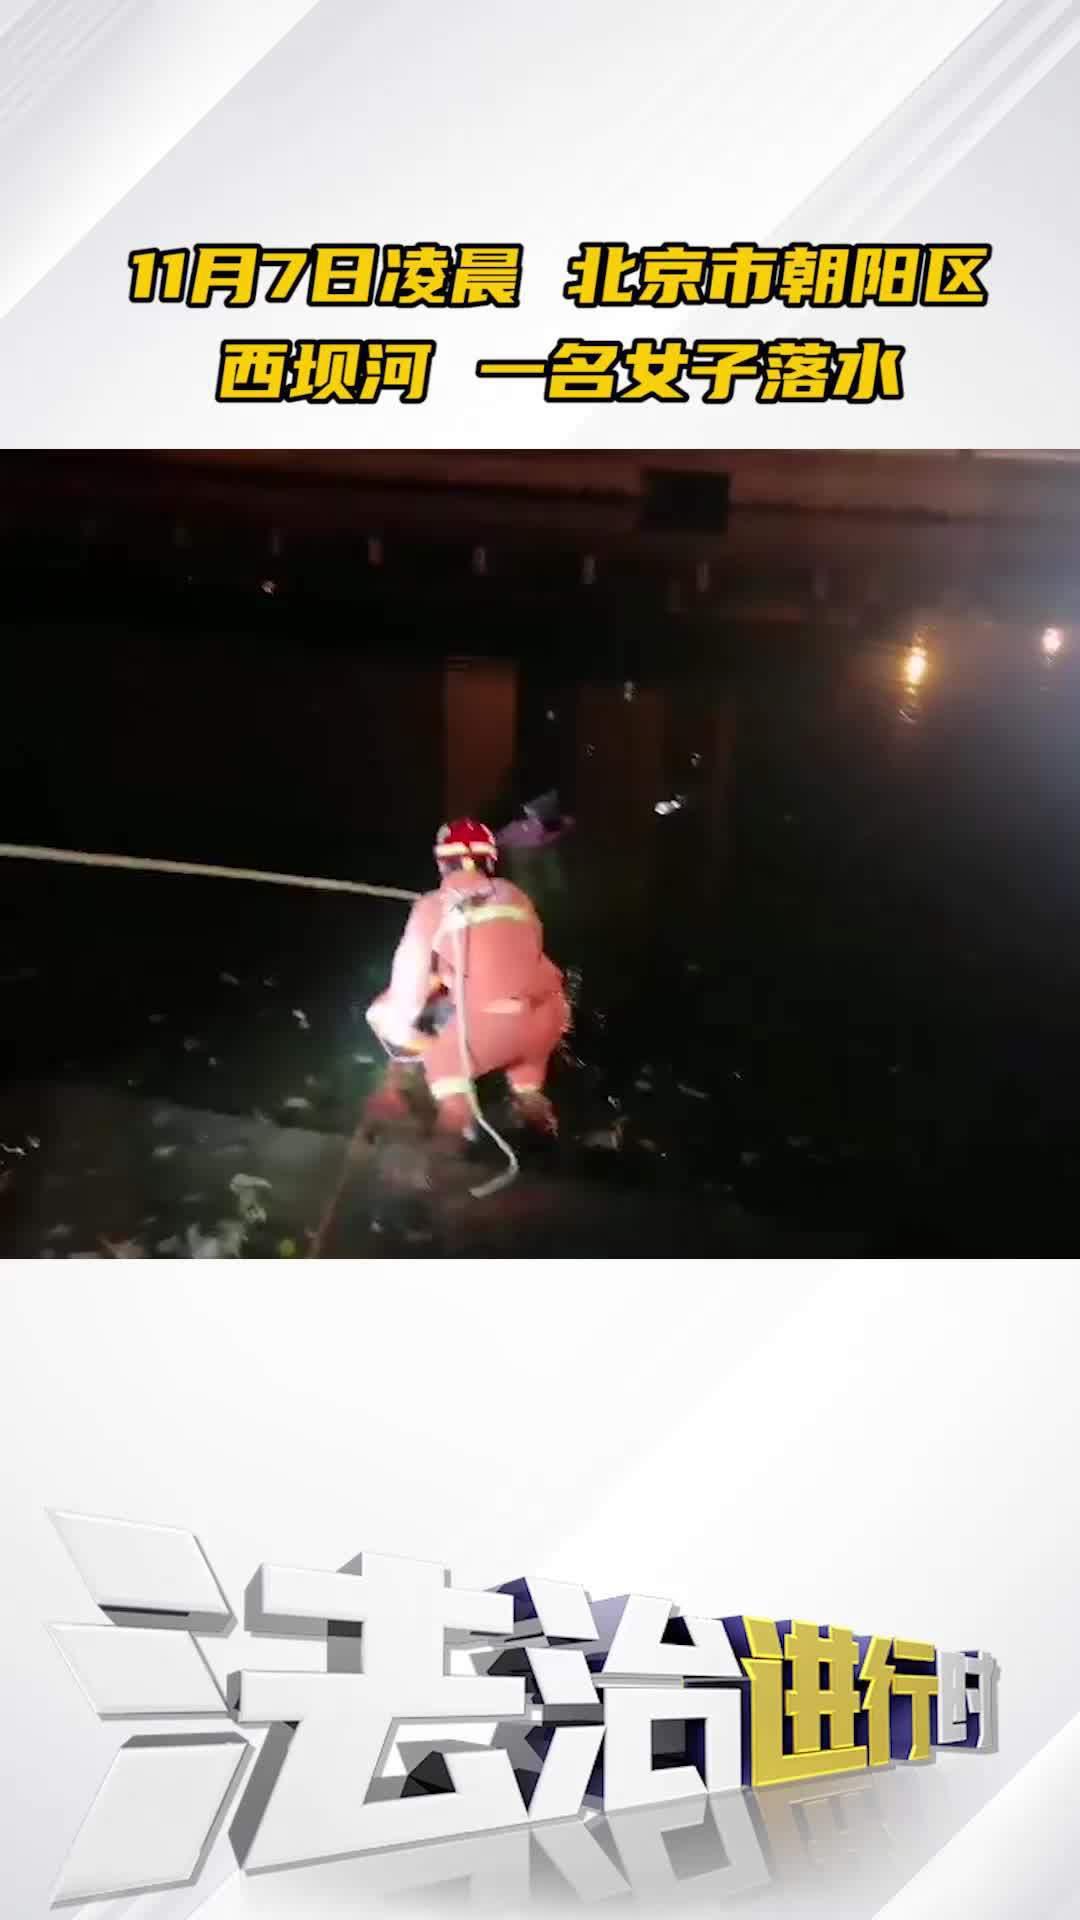 北京突发:女子深夜落入西坝河,消防紧急救援